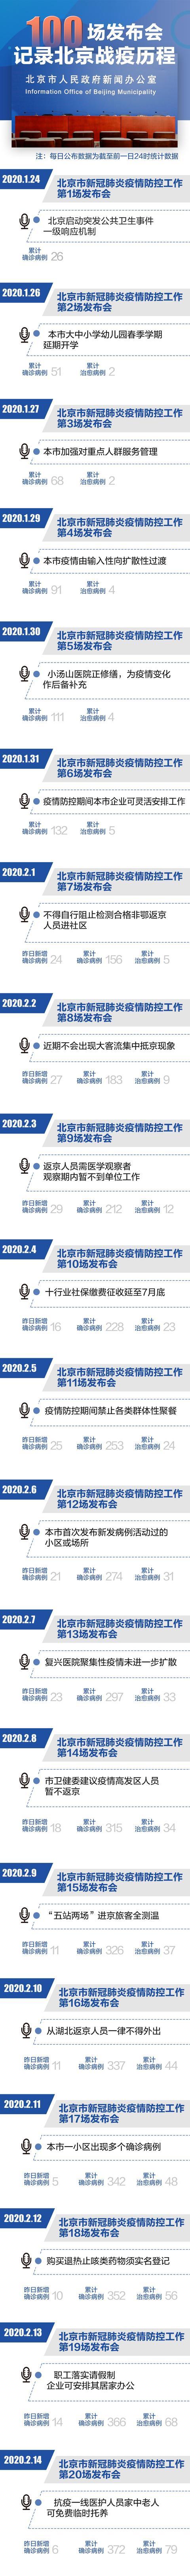 摩天测速,场新闻发布会记摩天测速录北京战疫历图片